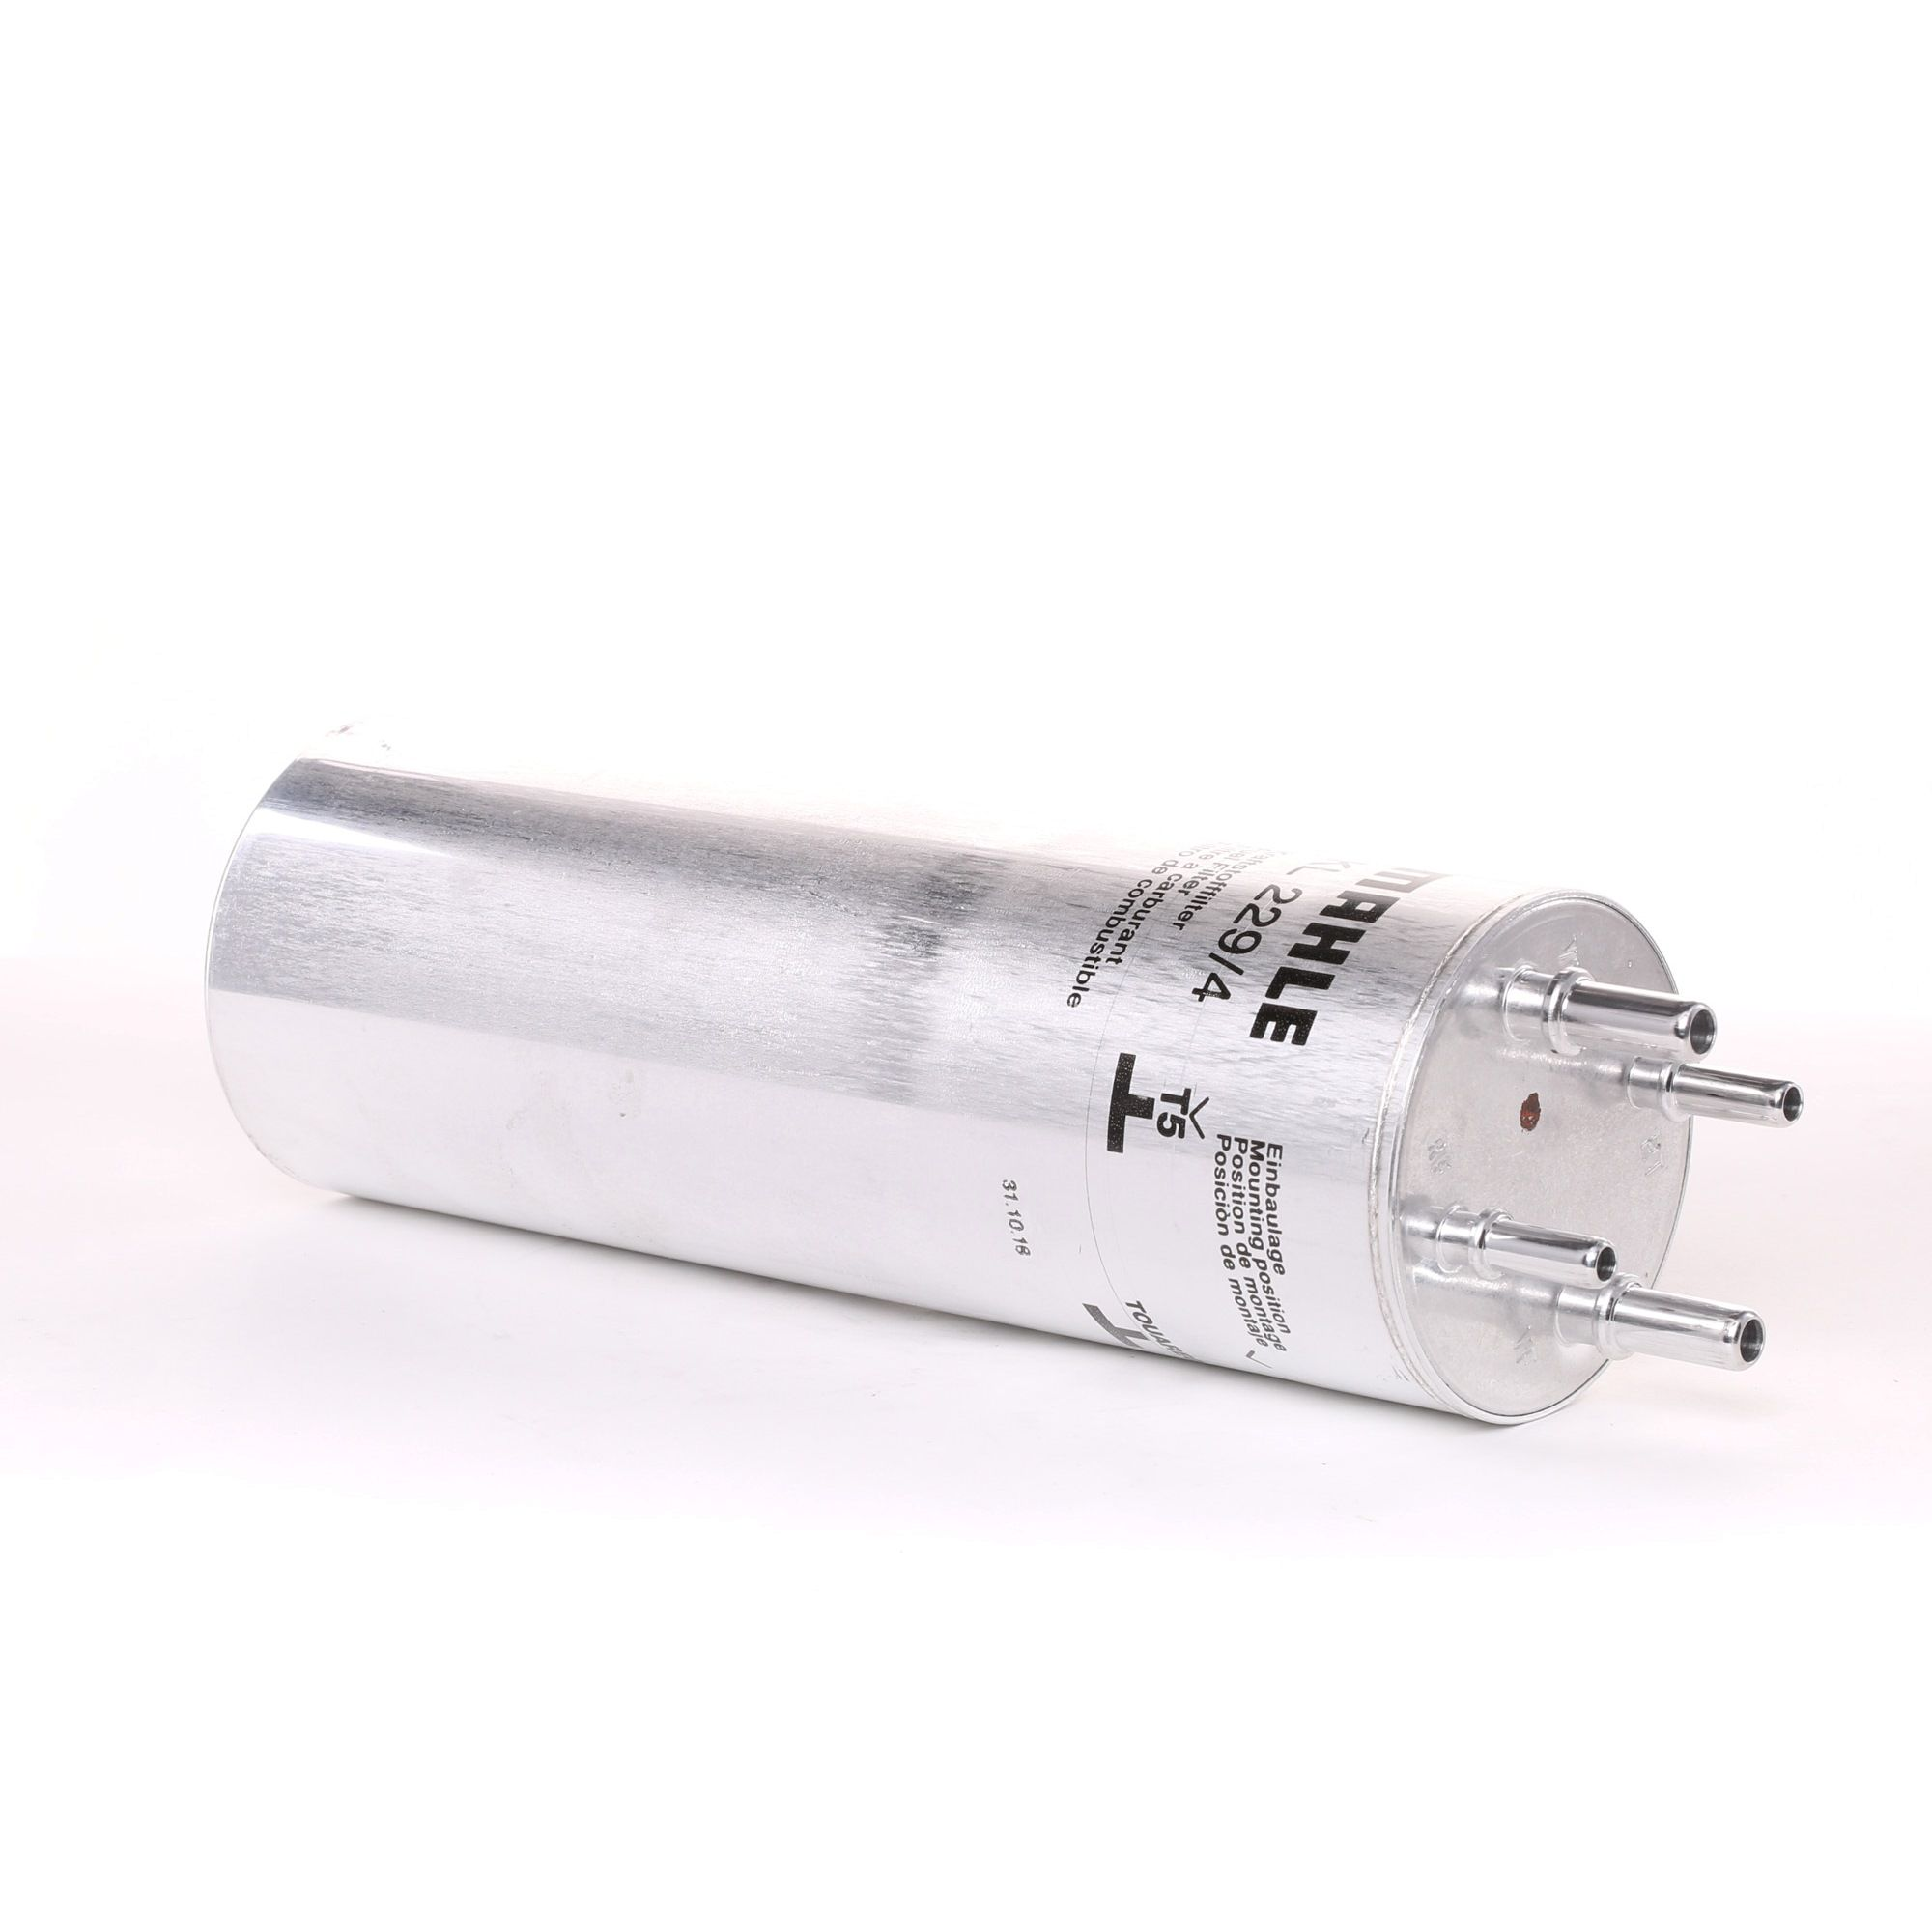 Palivový filtr KL 229/4 s vynikajícím poměrem mezi cenou a MAHLE ORIGINAL kvalitou